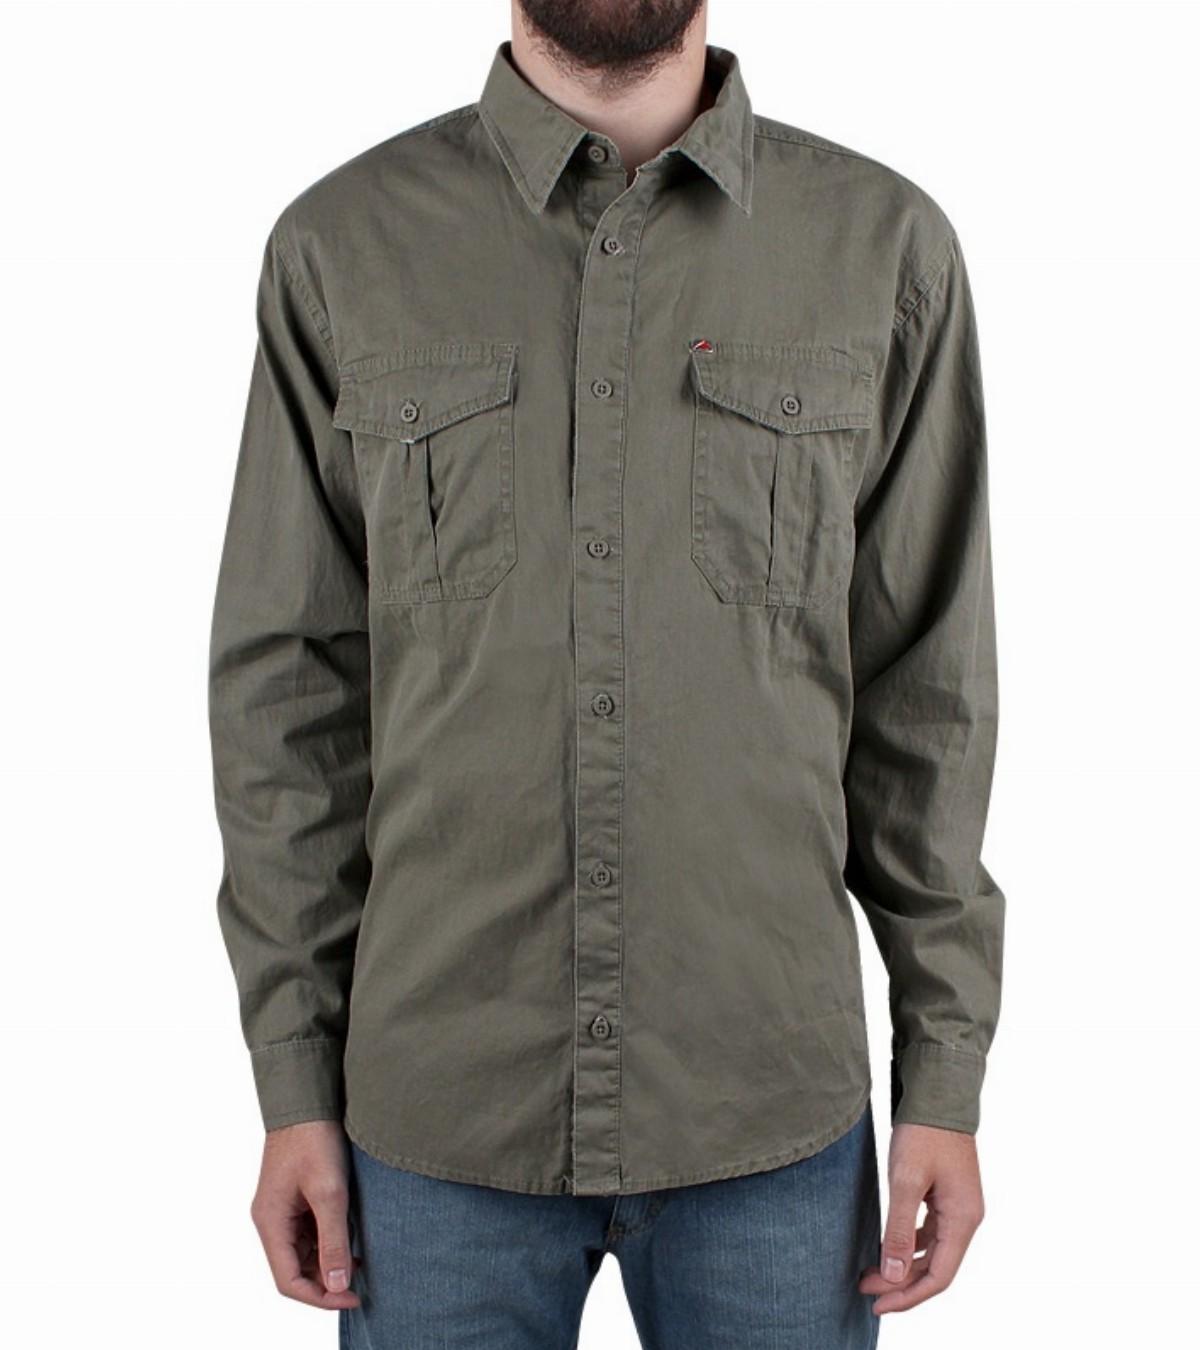 cde7451344 Camisa de hombre Rak M L